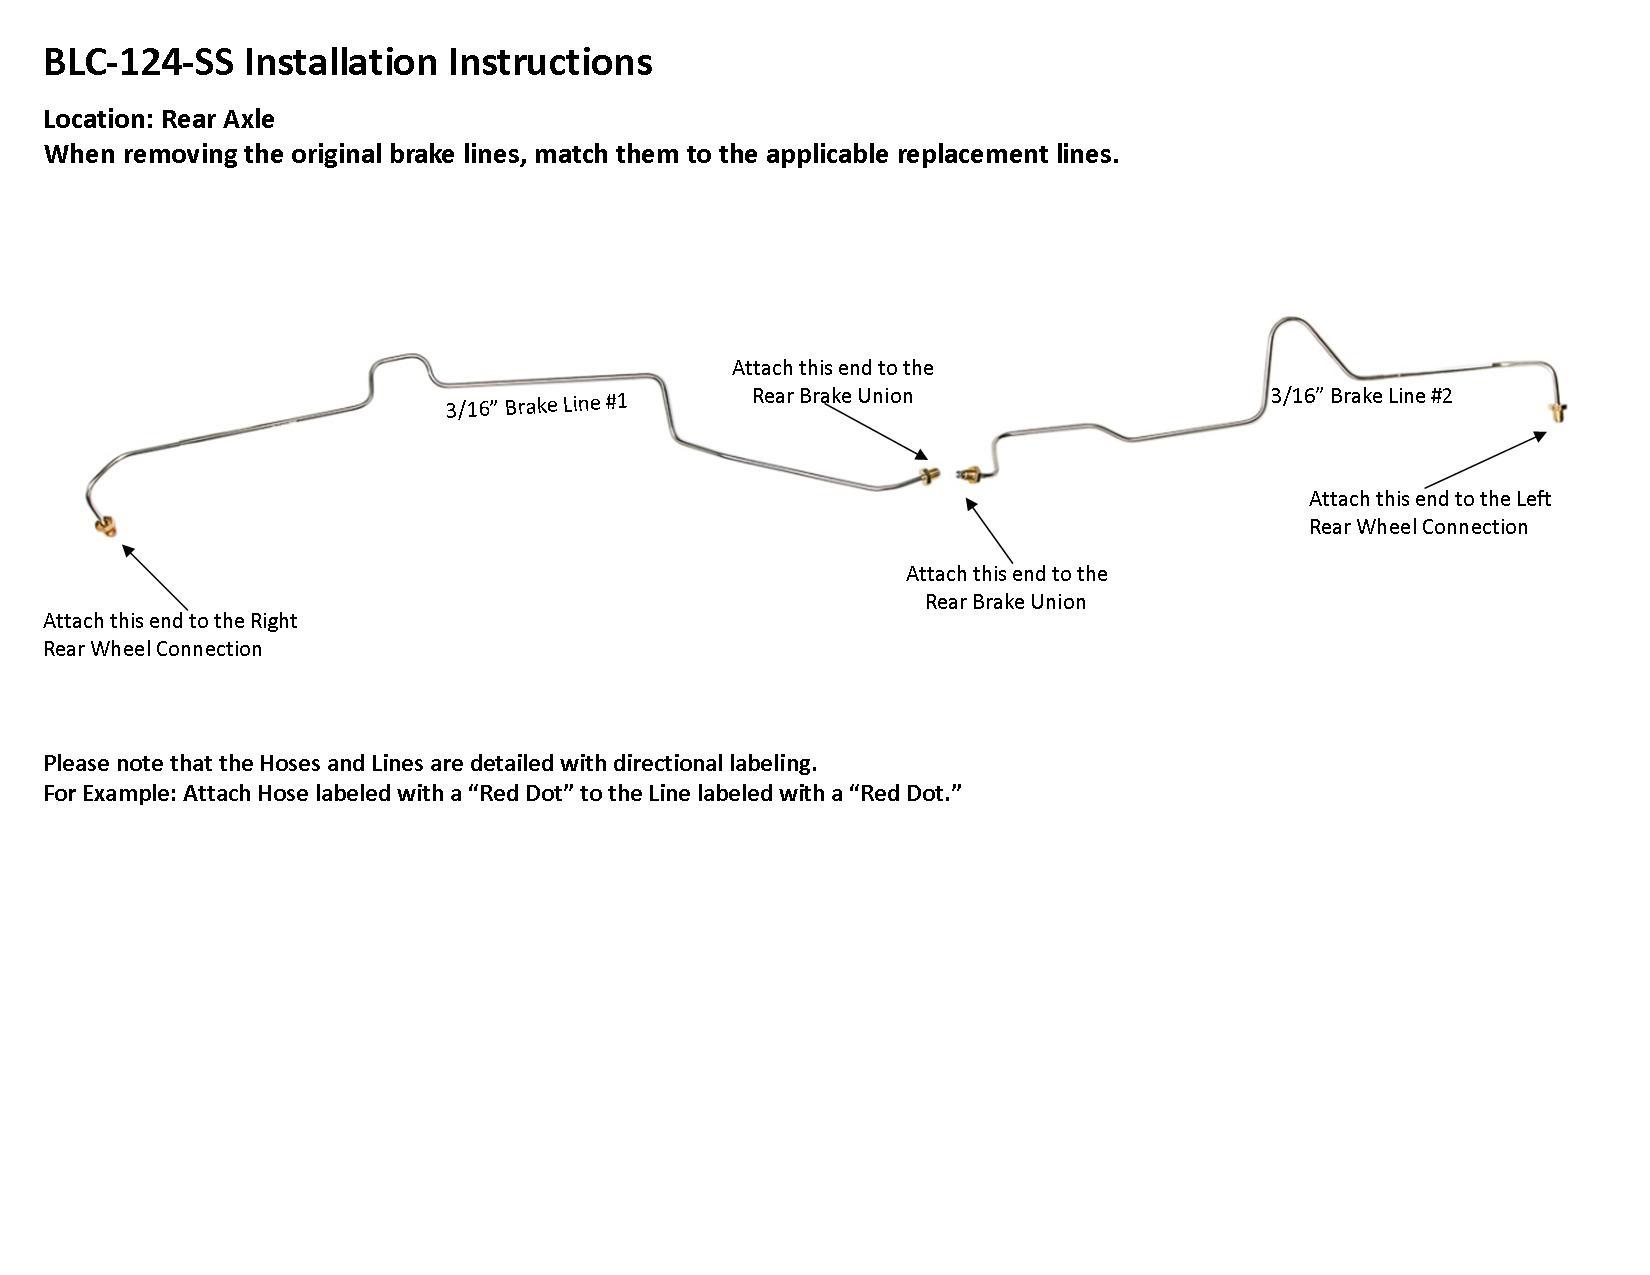 00-06chevrolet-suburban-installation-instructions-blc-124-ss.jpg